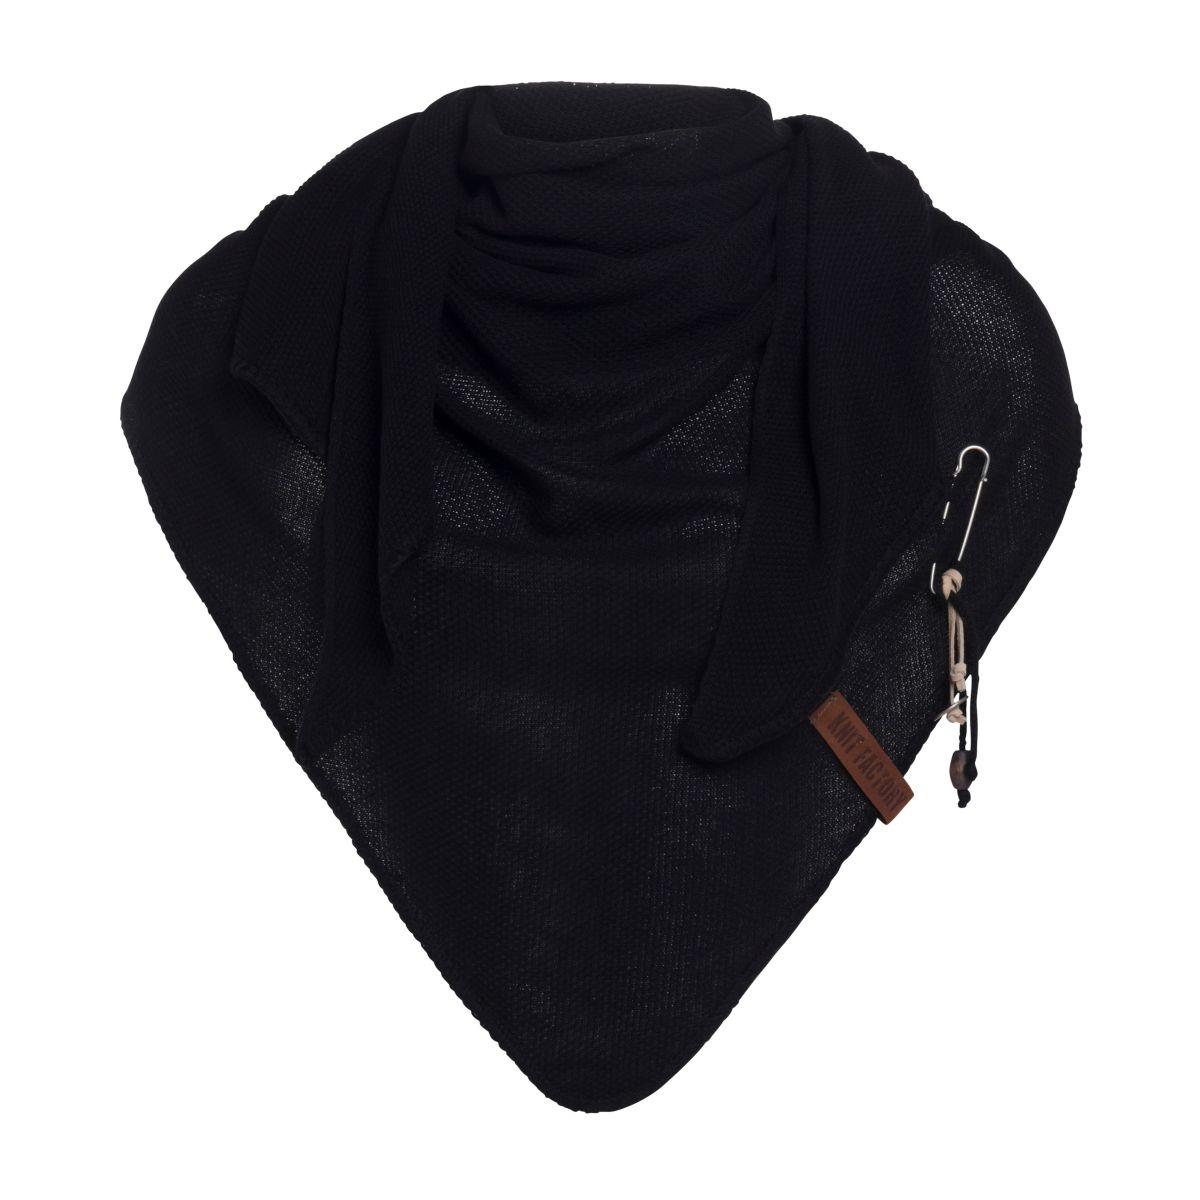 knit factory 1306000 lola omslagdoek zwart1